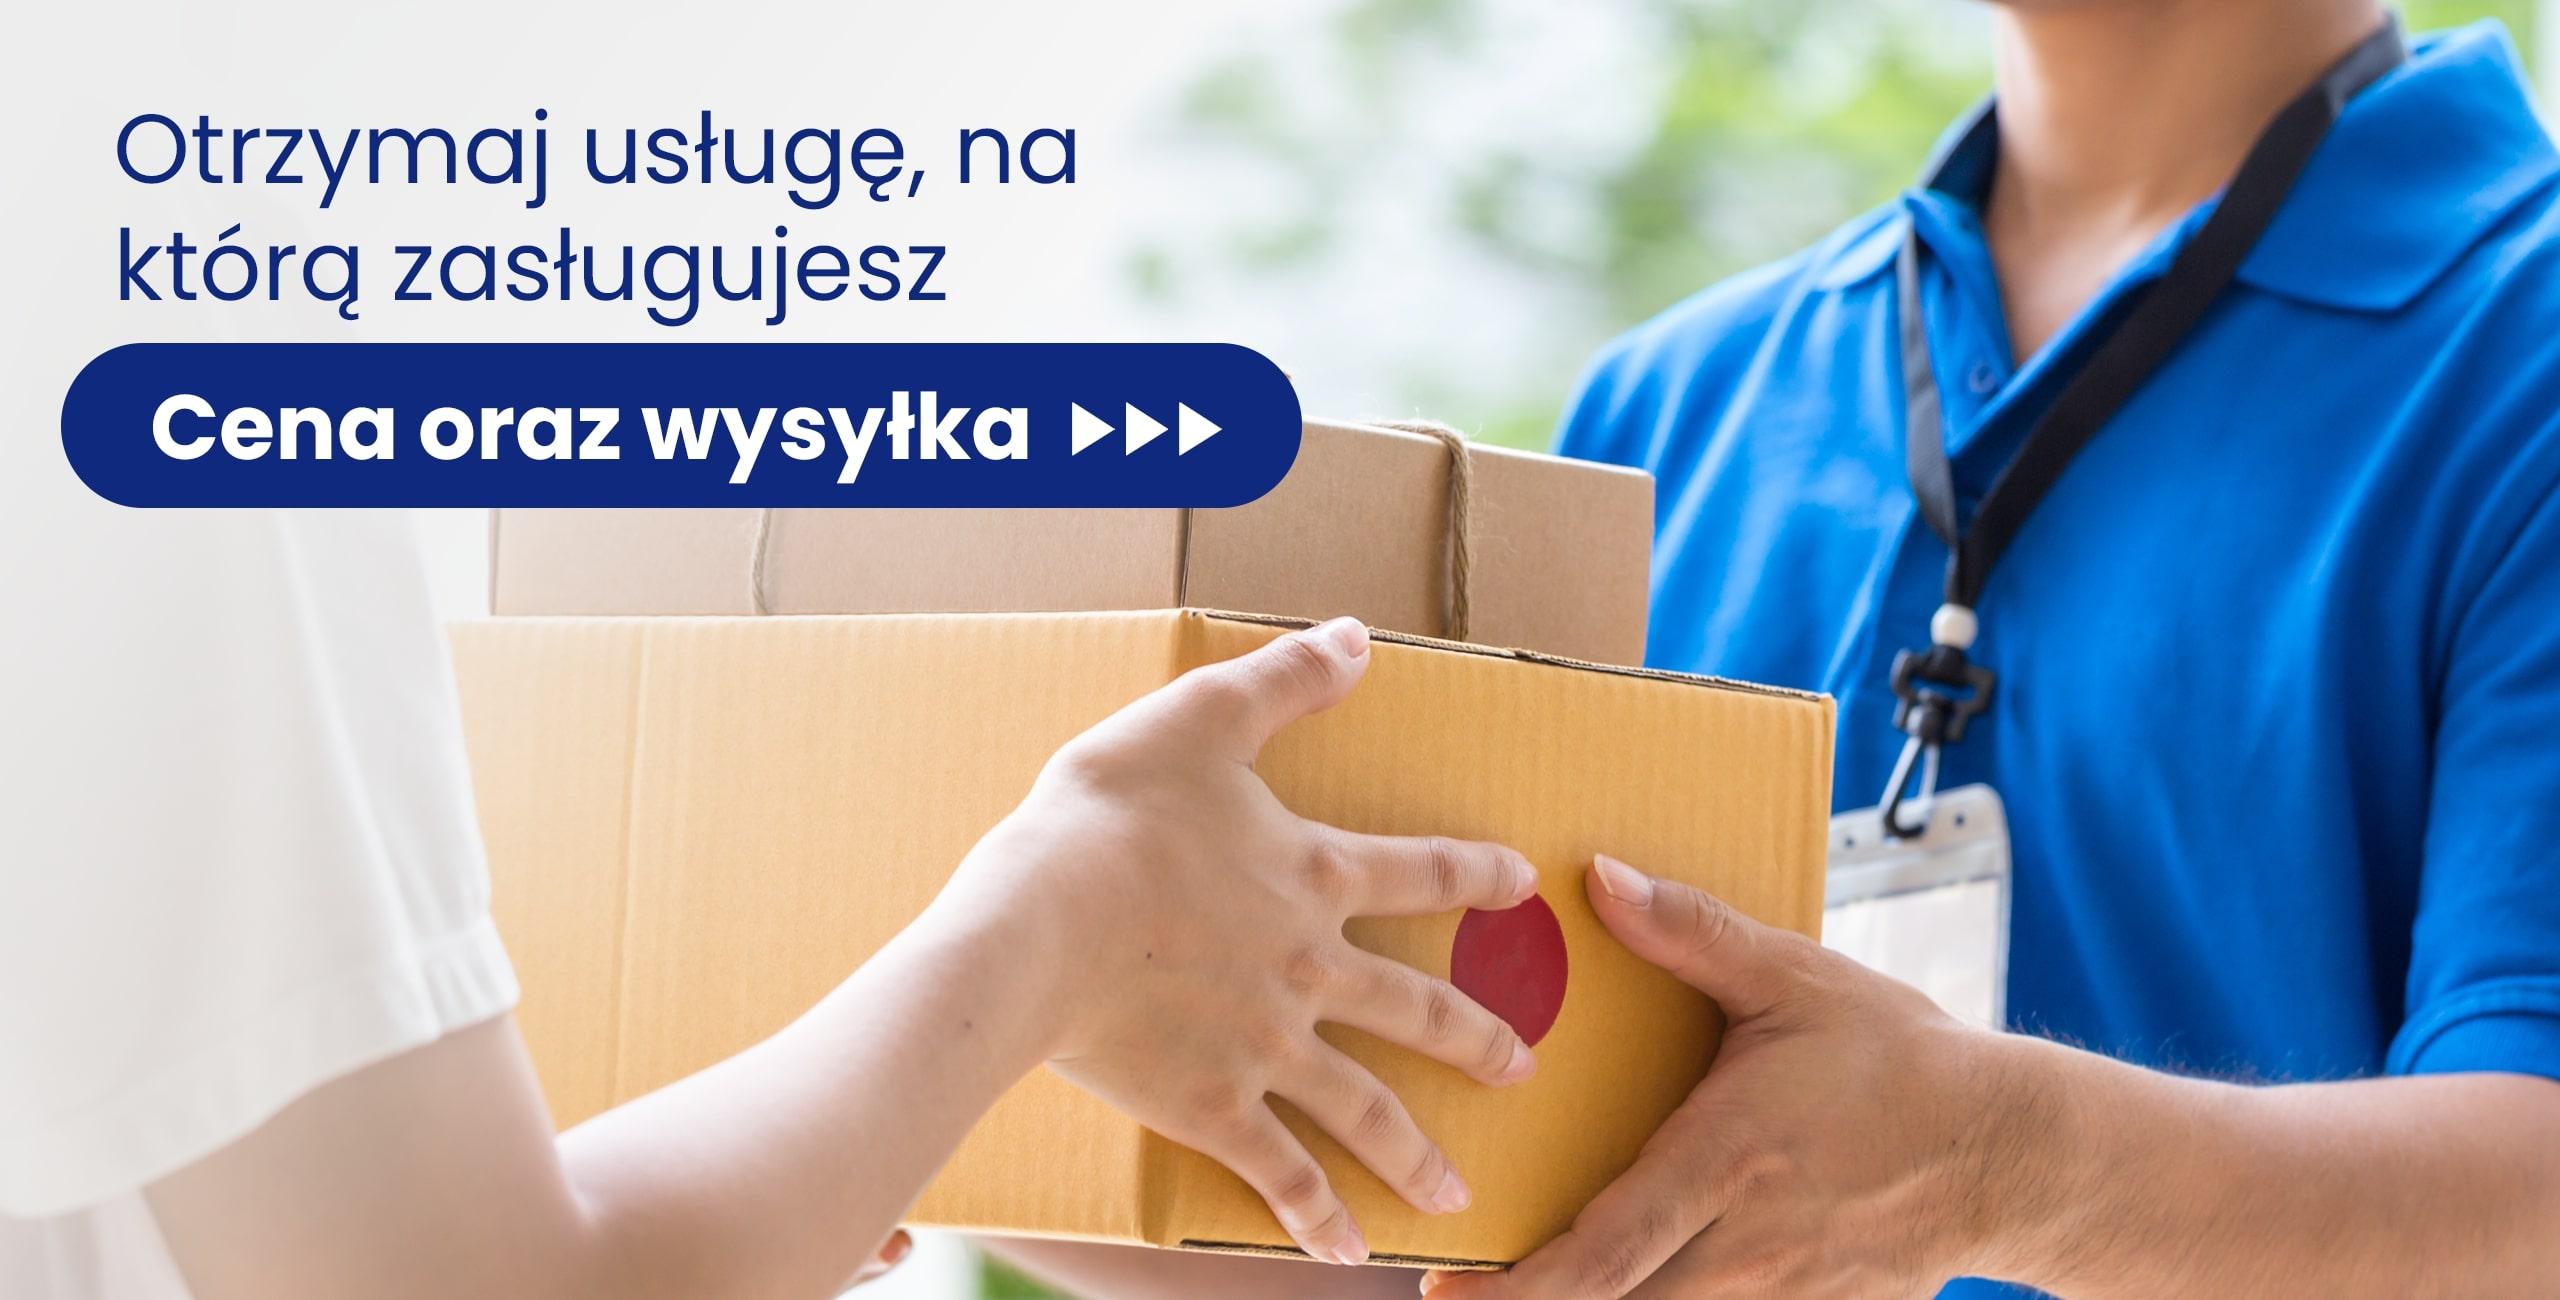 Wysyłka paczki